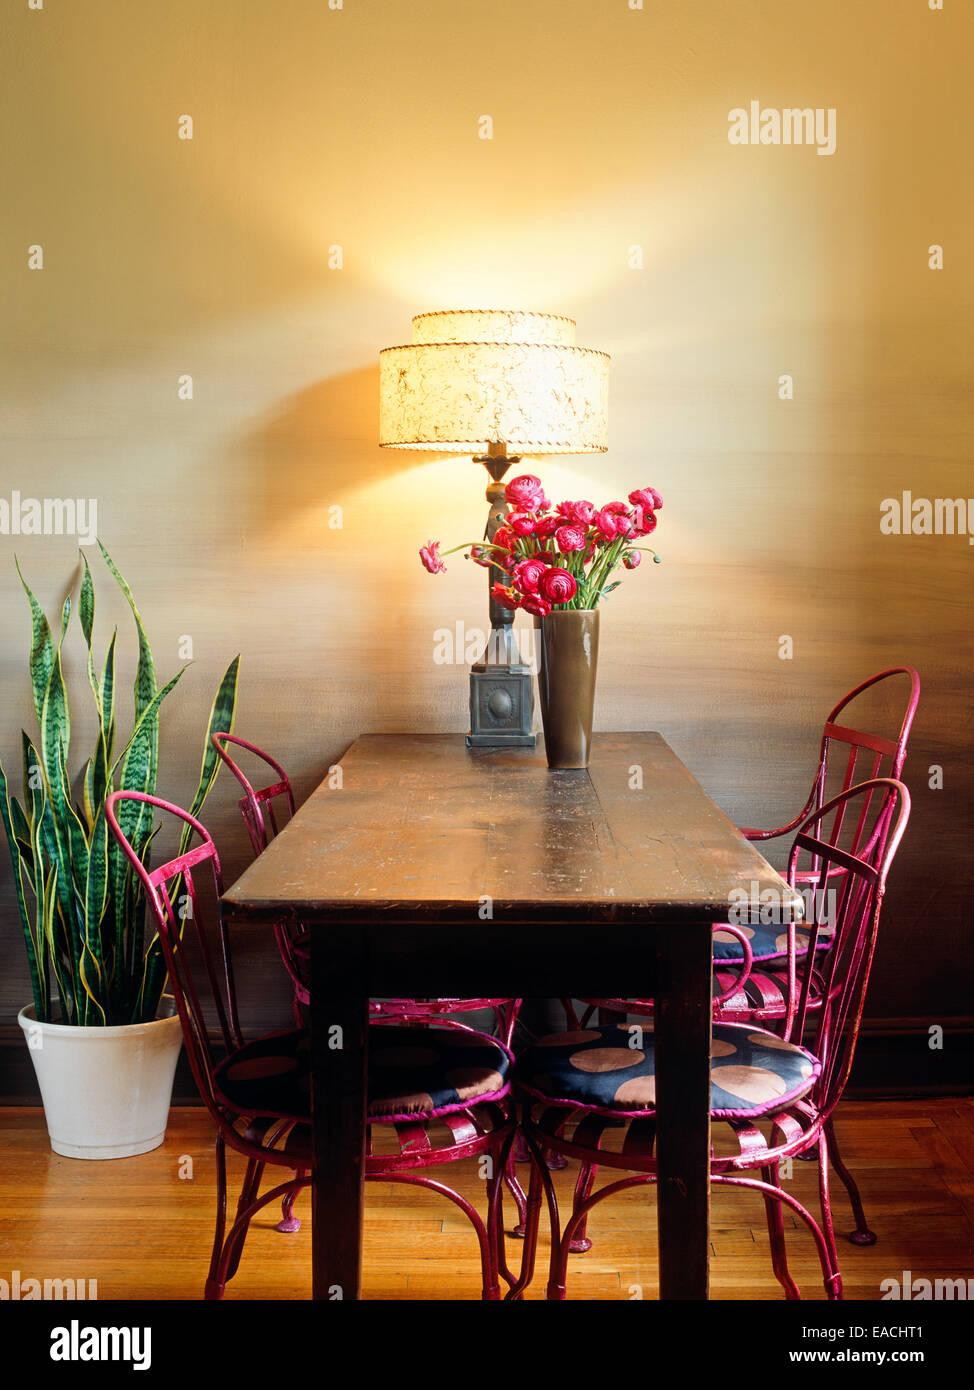 Comedor con mesa y sillas Imagen De Stock